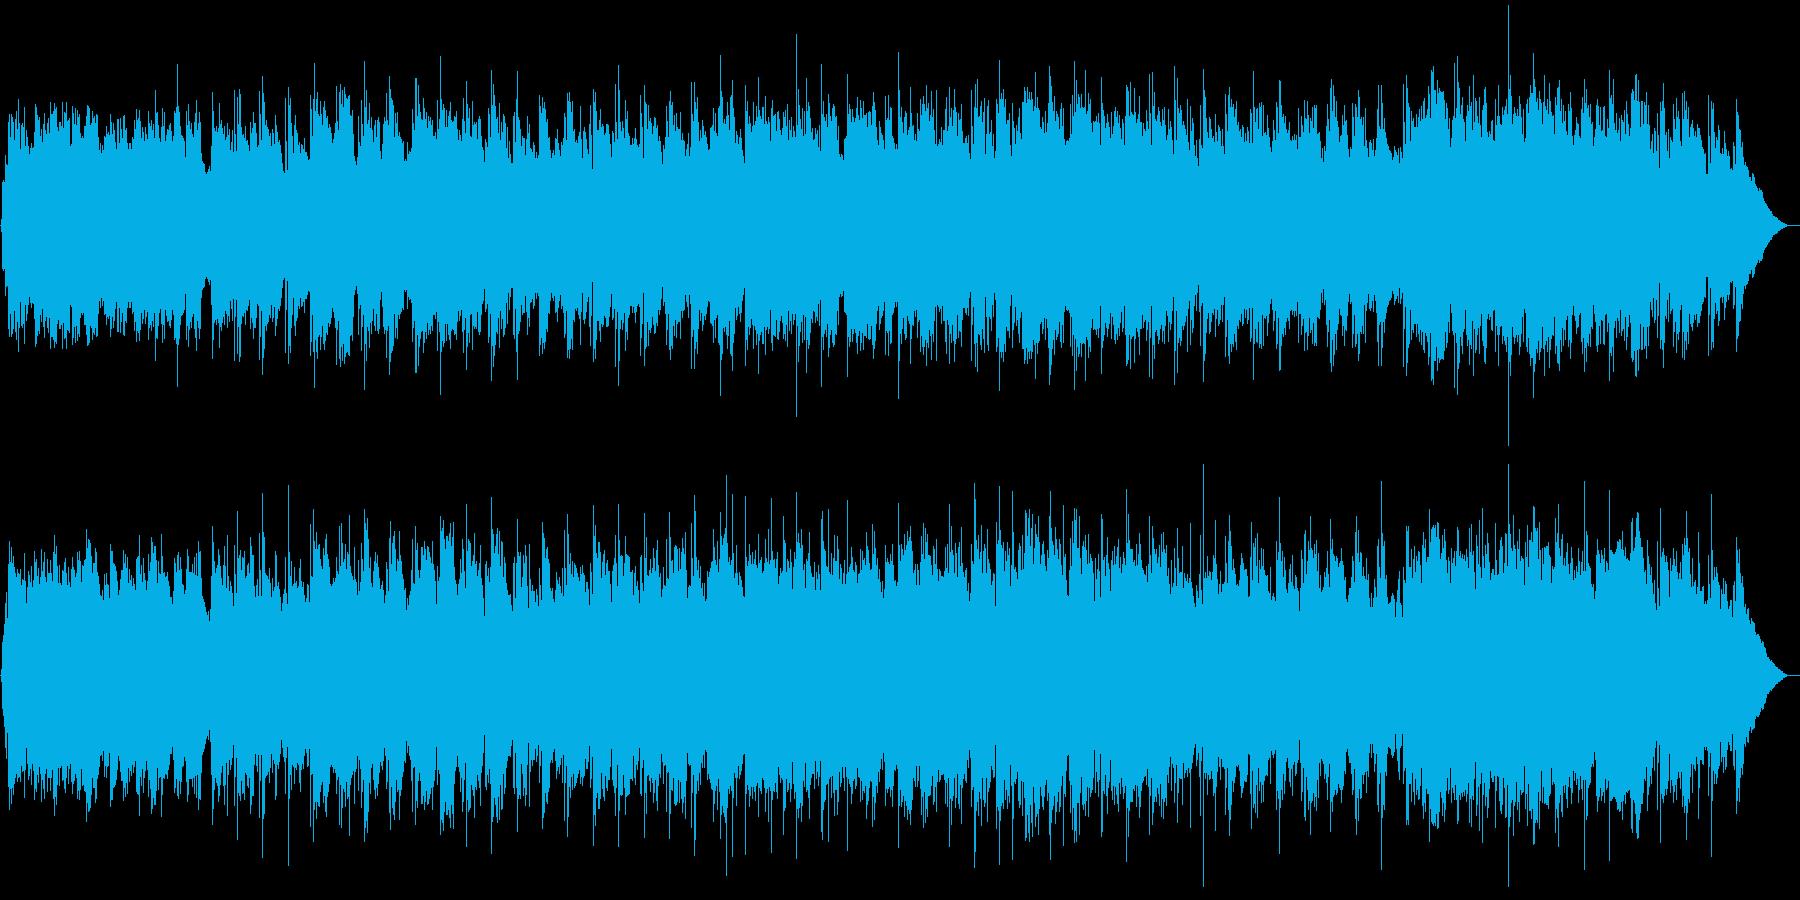 和風 しっとり感動バラード 尺八生演奏の再生済みの波形